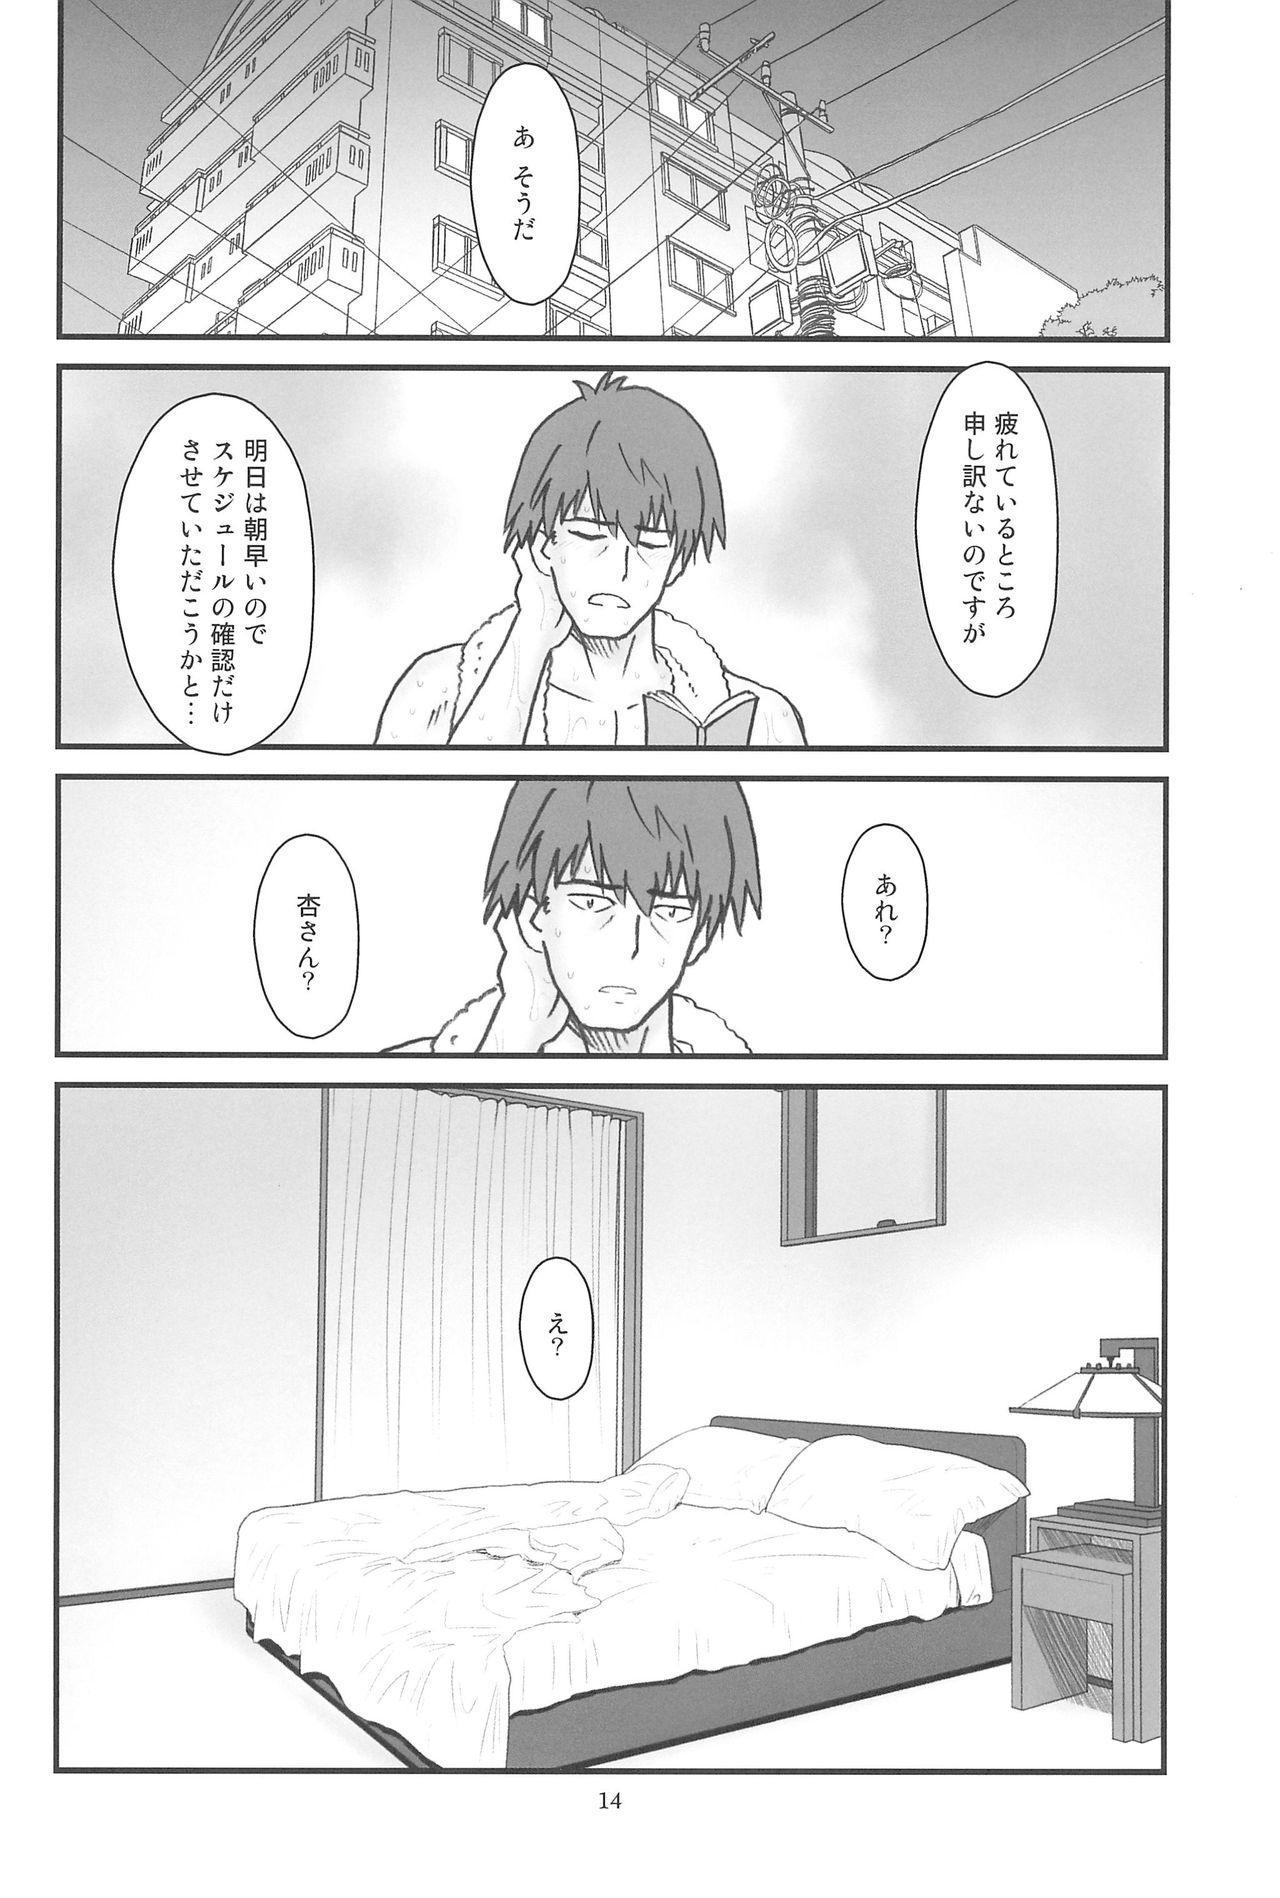 Hinnyuu Musume 34 15